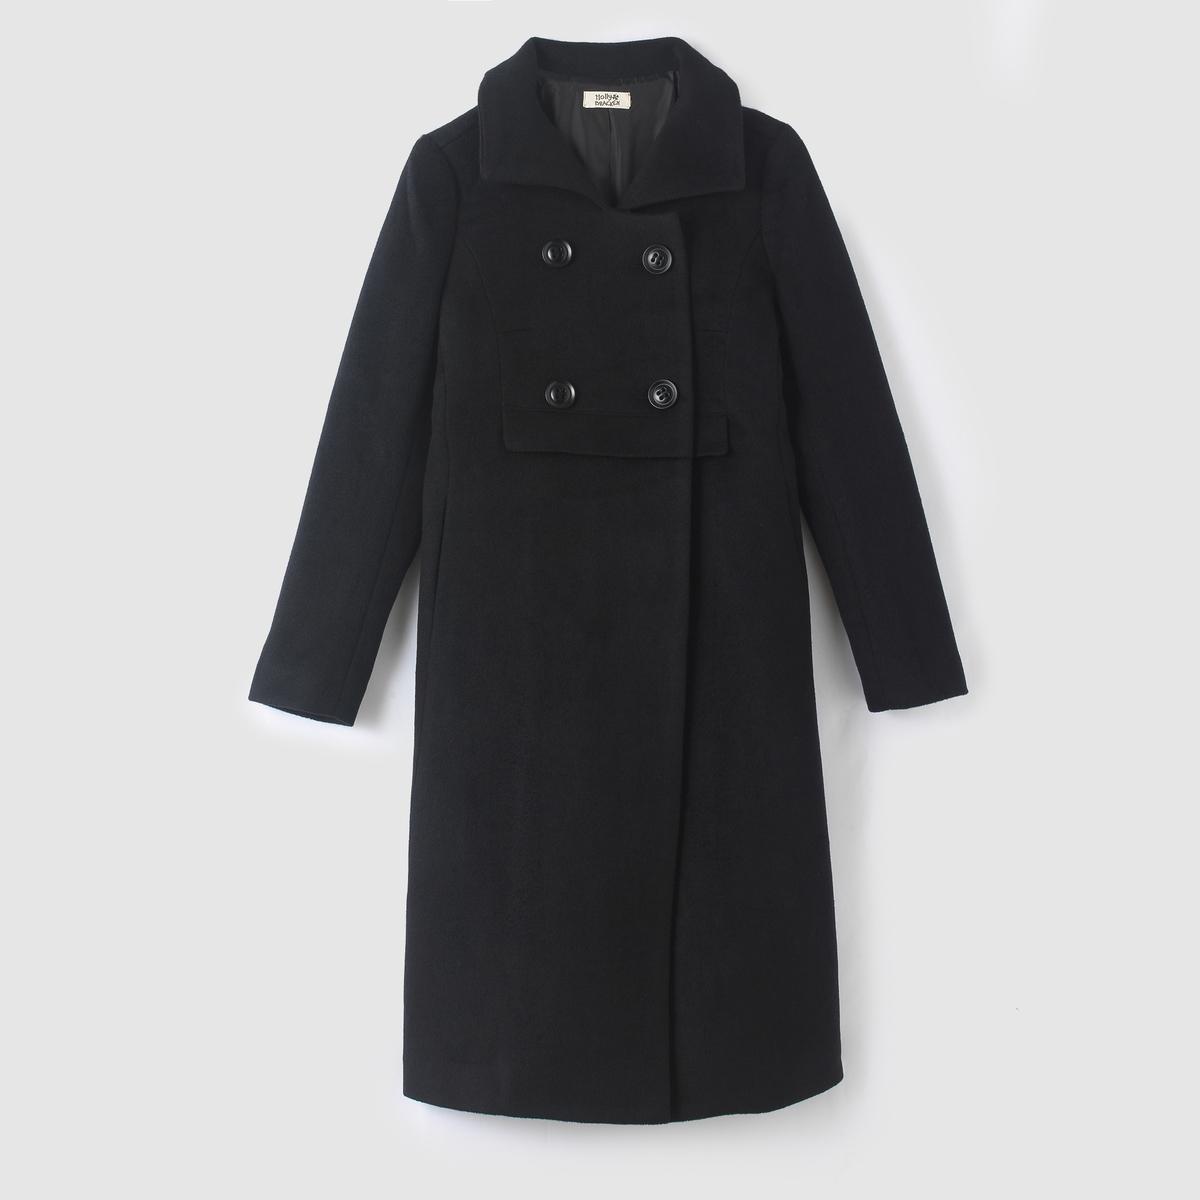 Пальто-плащ длинное, 4 пуговицыСостав и описание :Материал : 70% полиэстера, 30% шерсти. Подкладка : 100% полиэстераМарка : MOLLY BRACKEN.УходРучная стирка<br><br>Цвет: черный<br>Размер: S